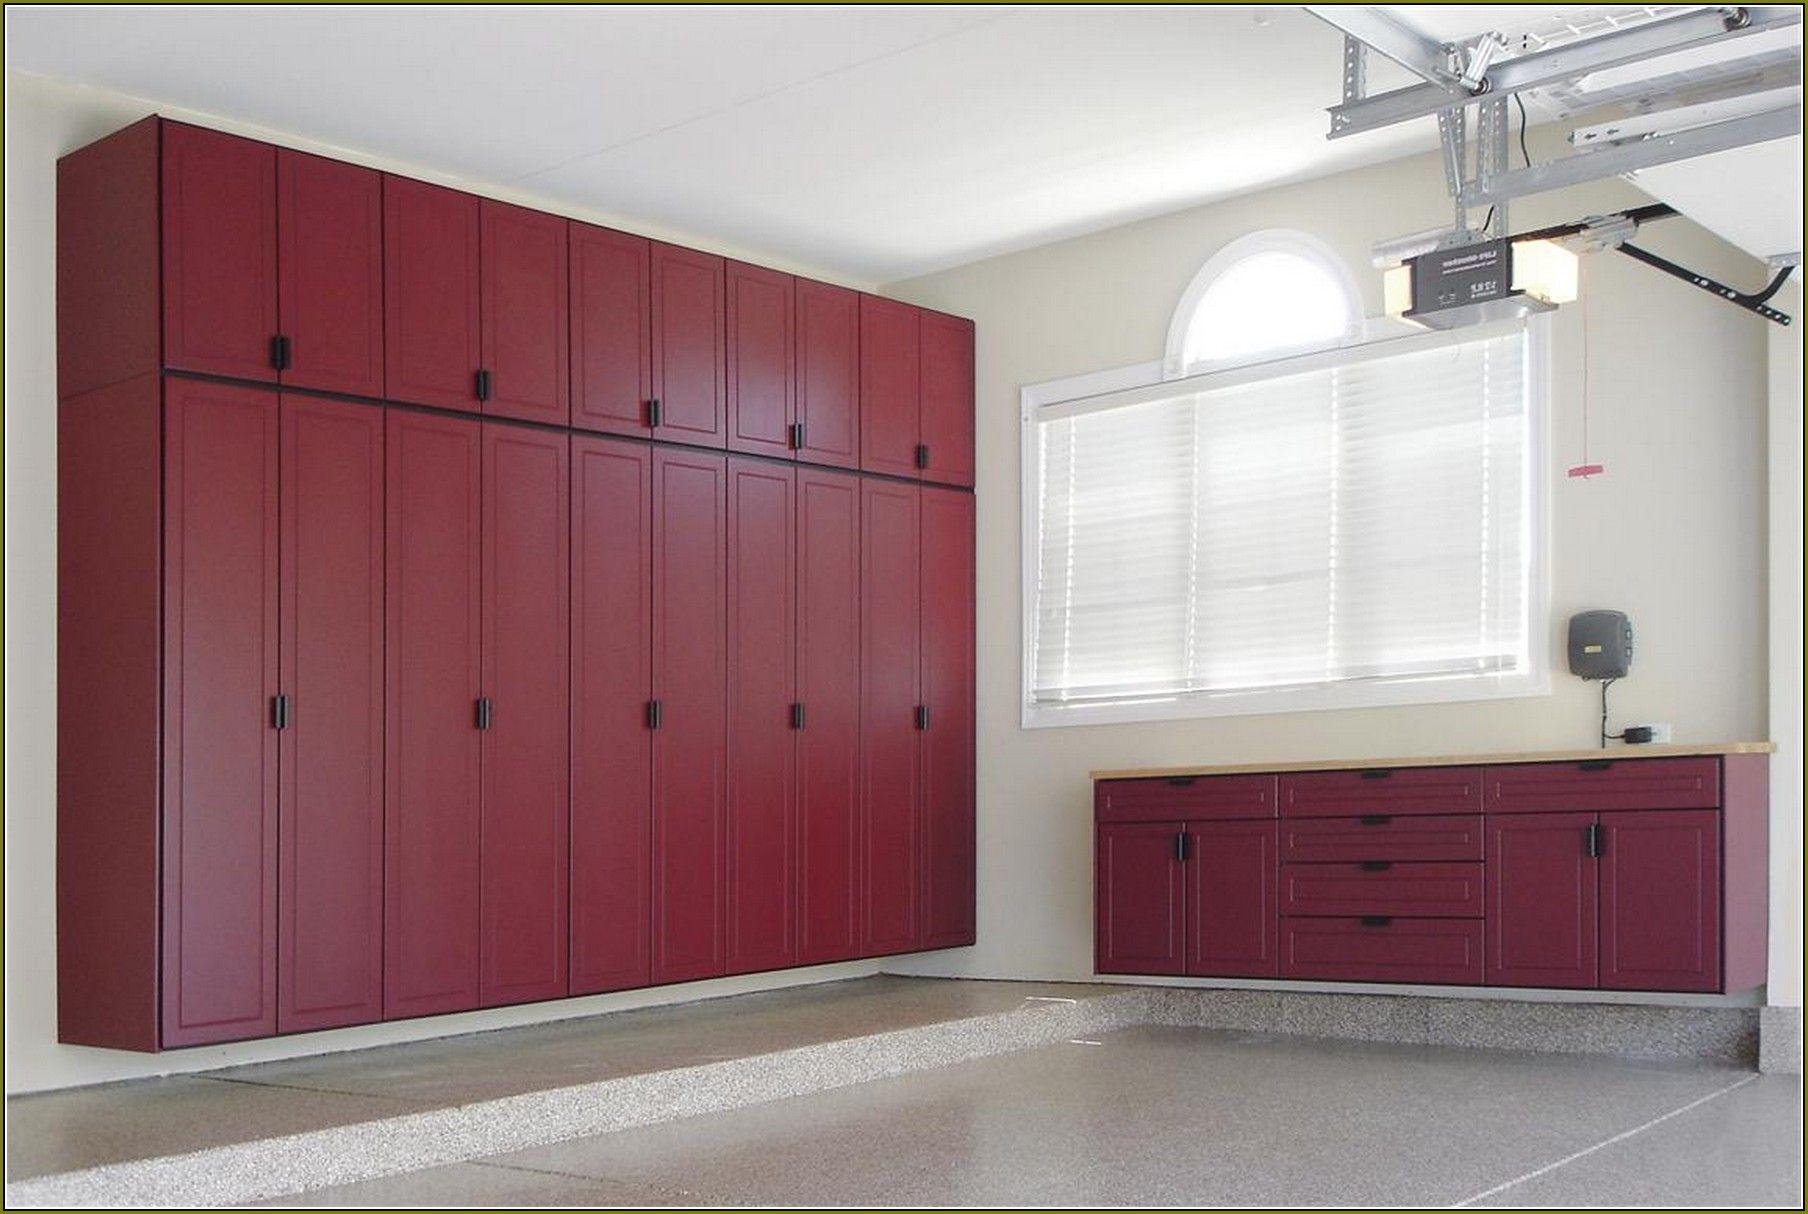 Garage plans plywood garage diy